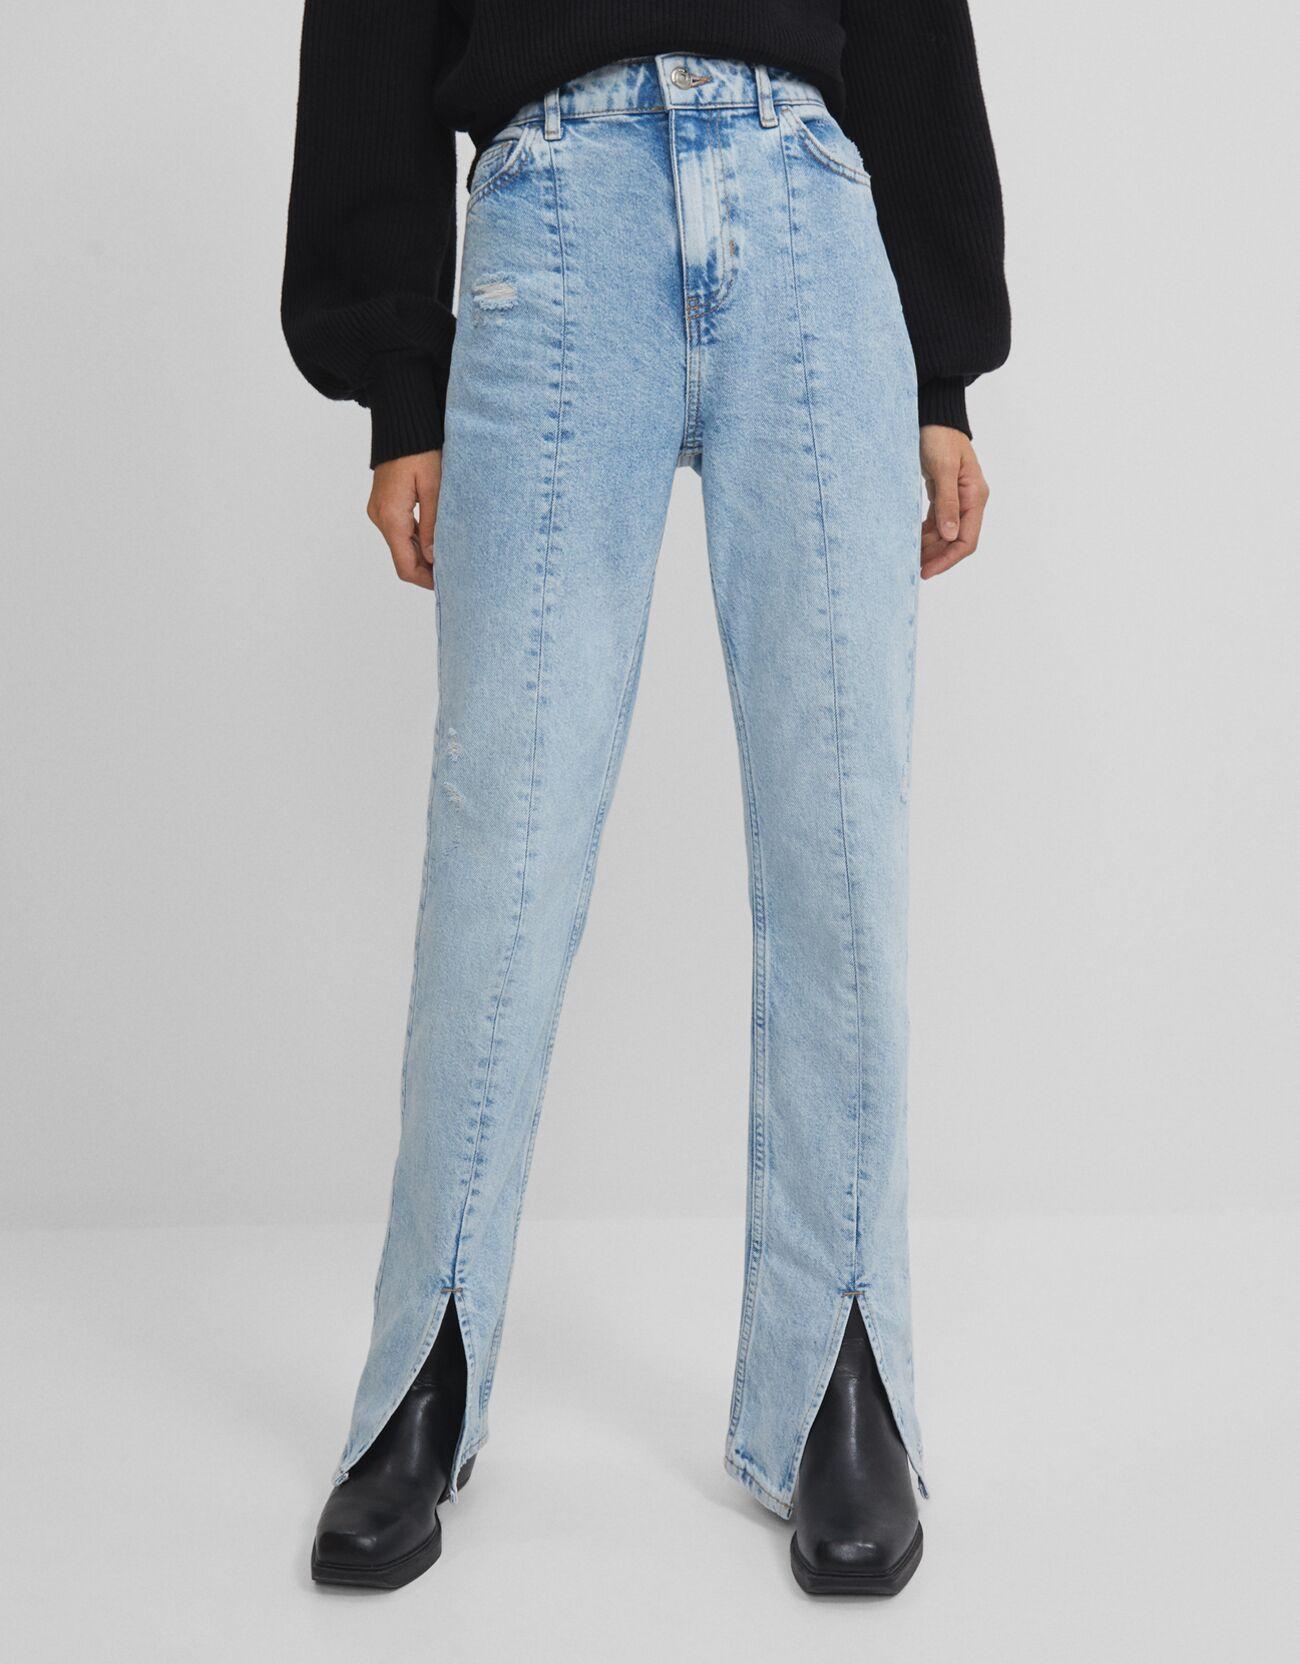 bershka -  Jeans Mit Schlitz Am Saum Damen 38 Ausgewaschenes Blau